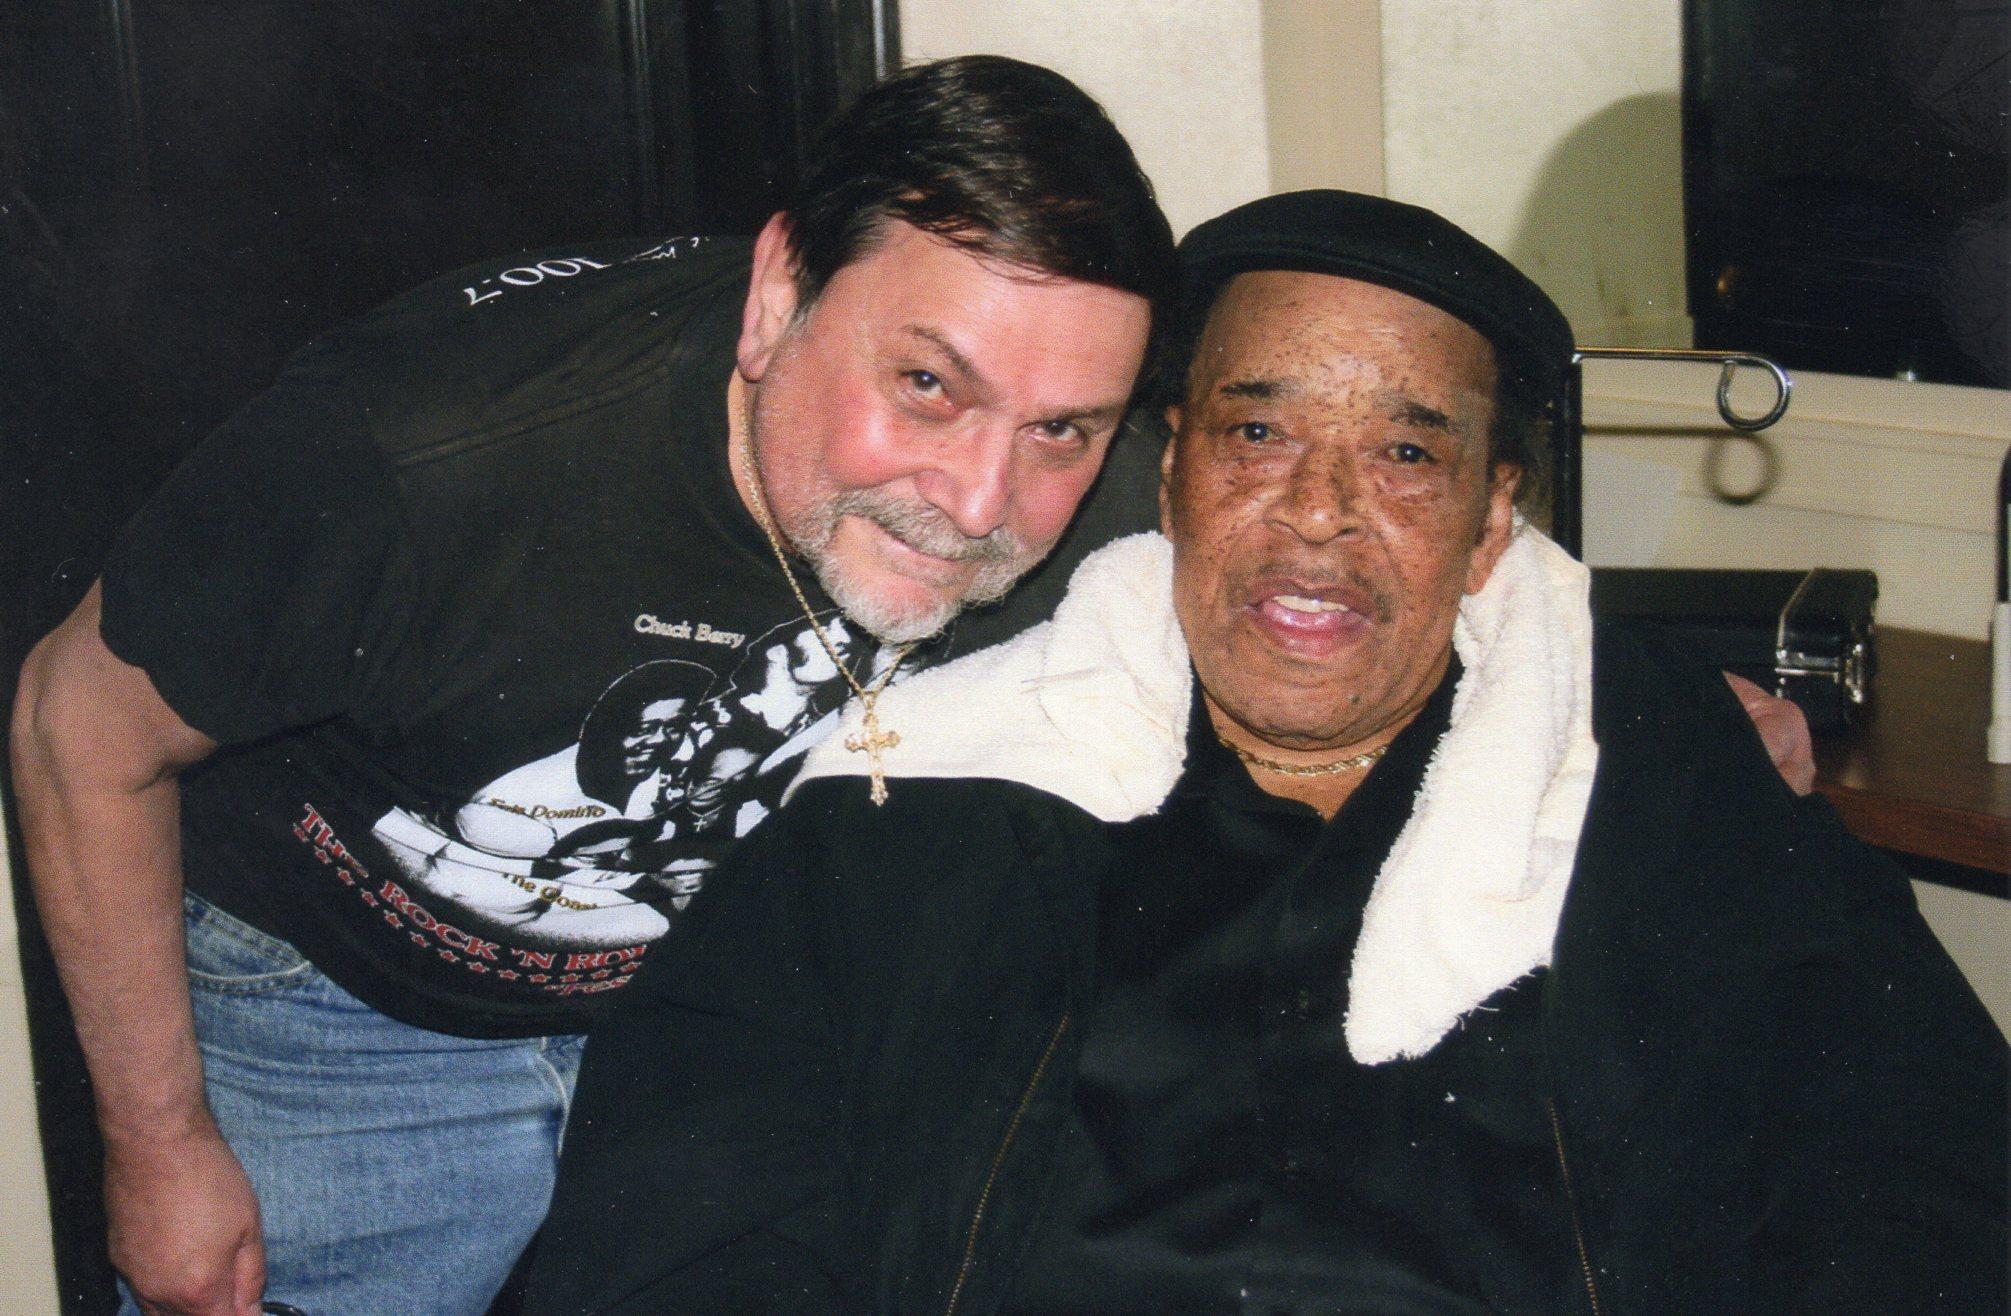 James Cotton & Bob Cocorochio